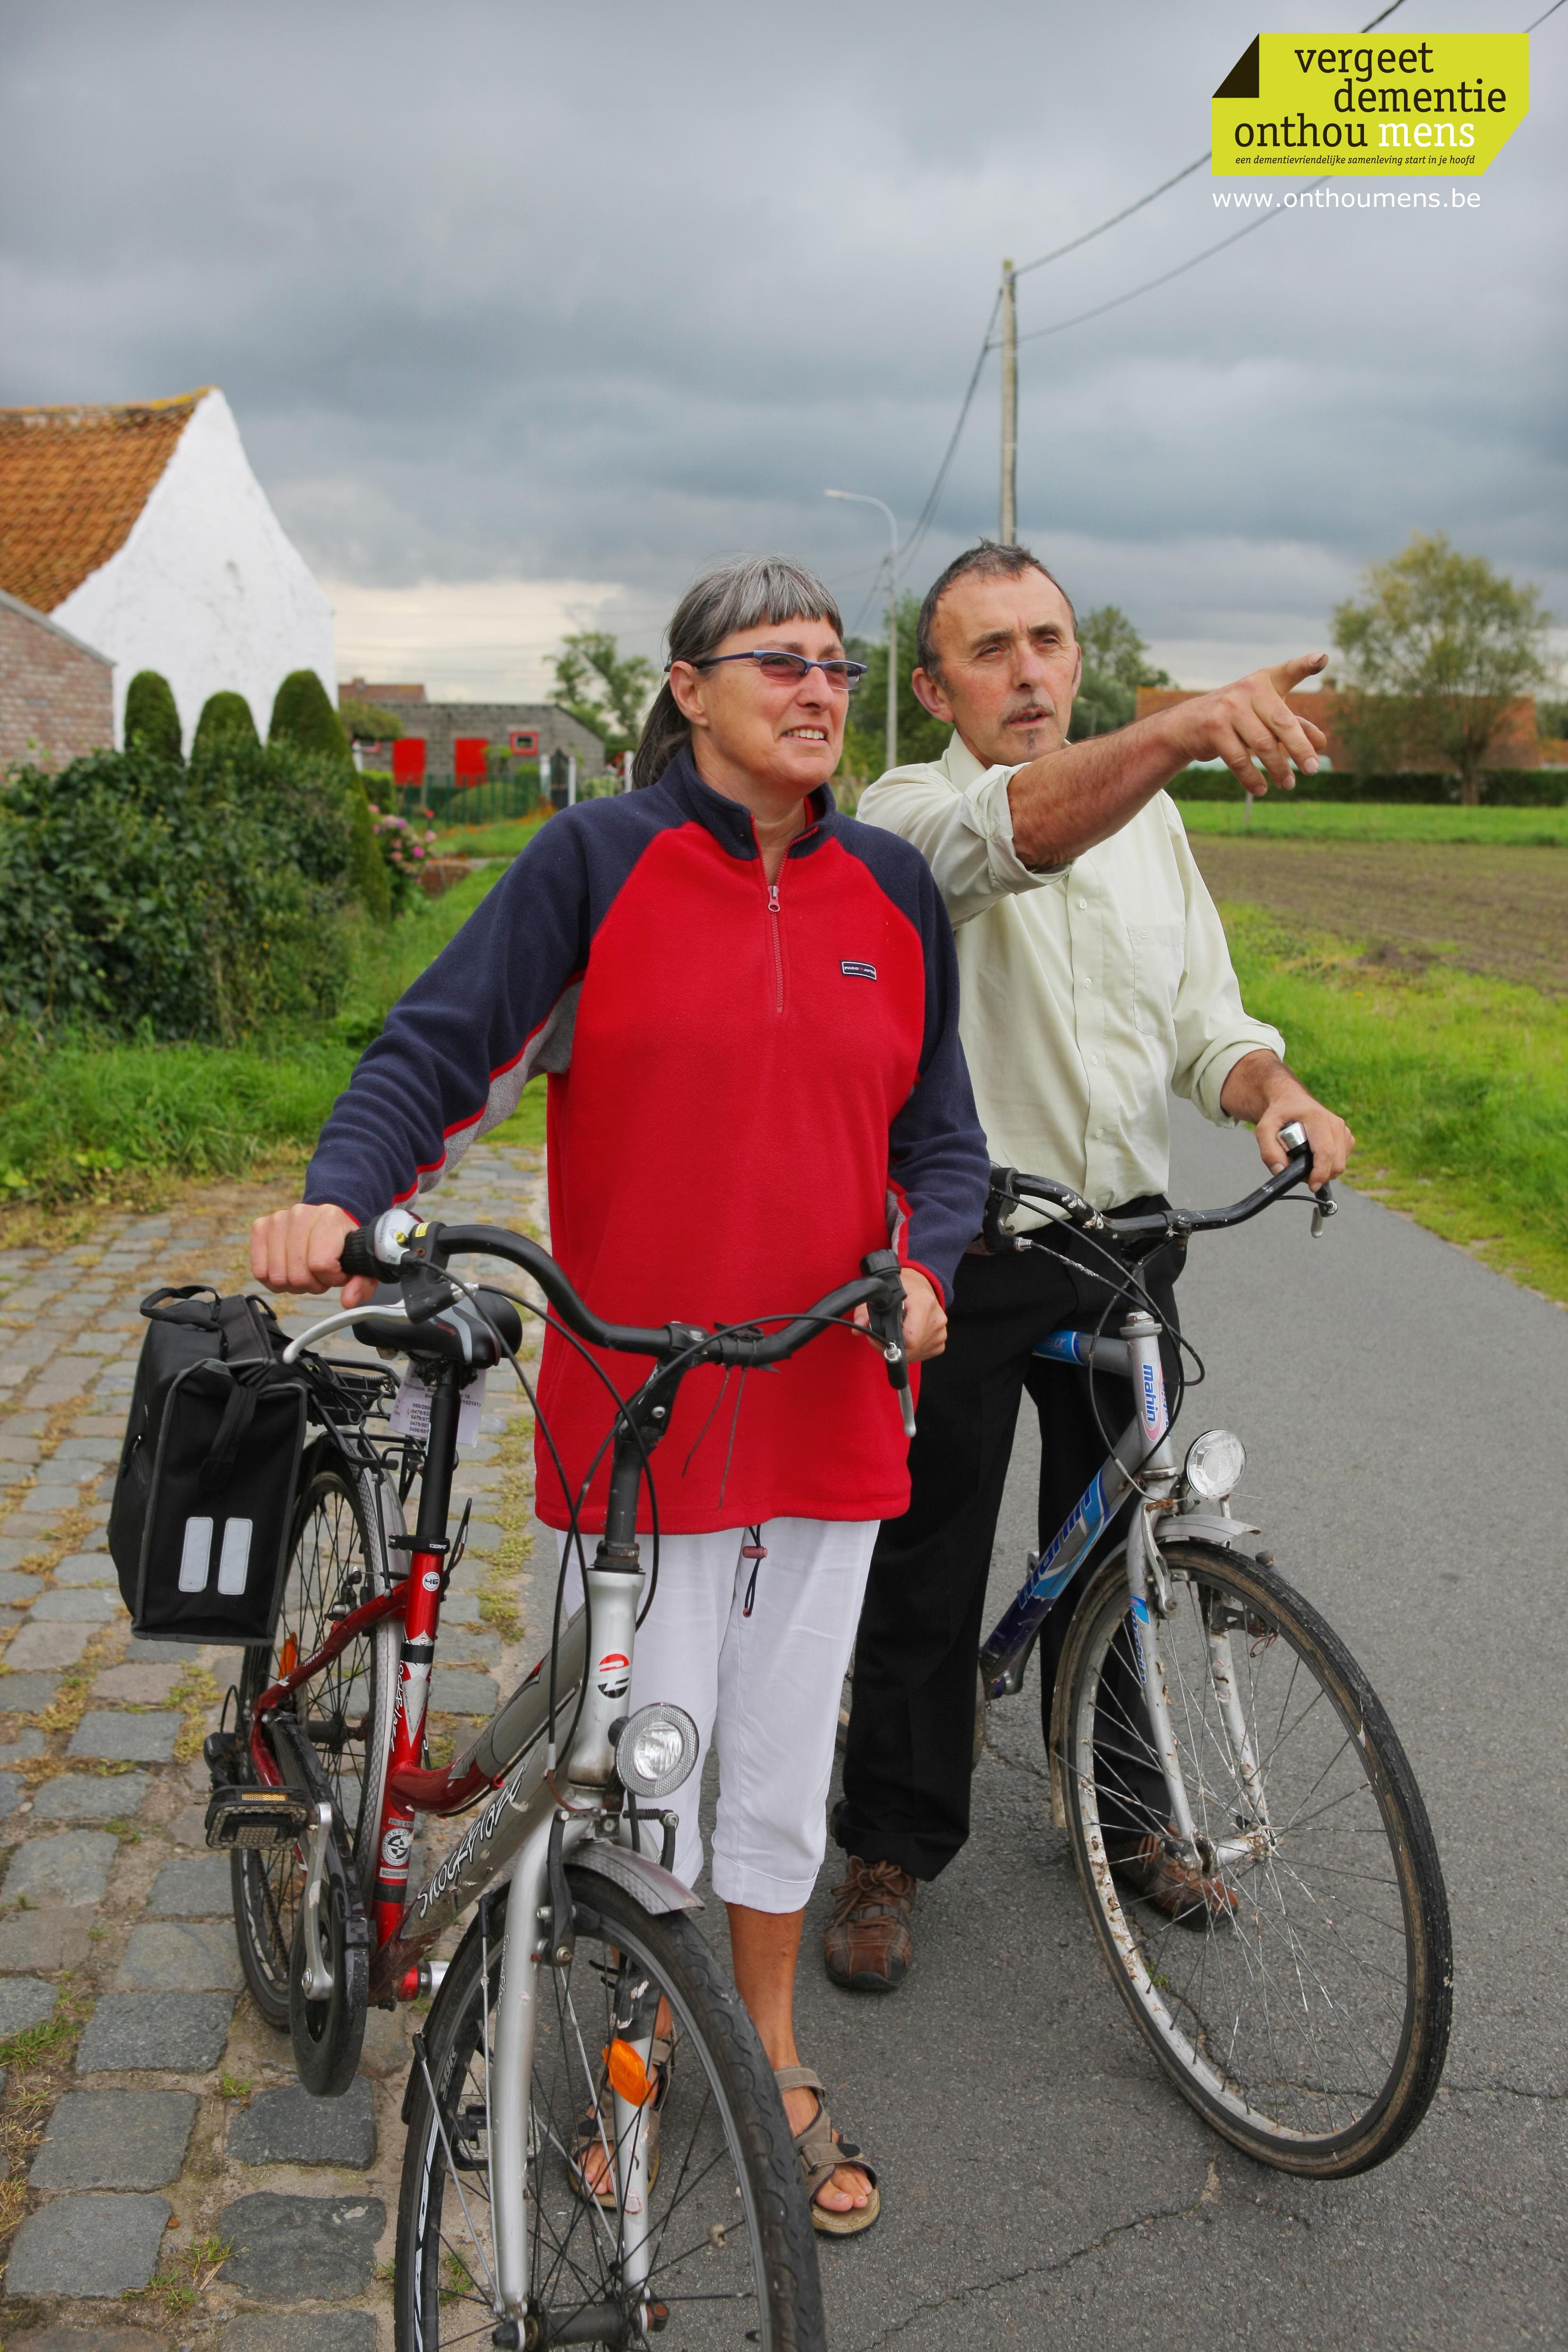 fietsen-hres-met-logo